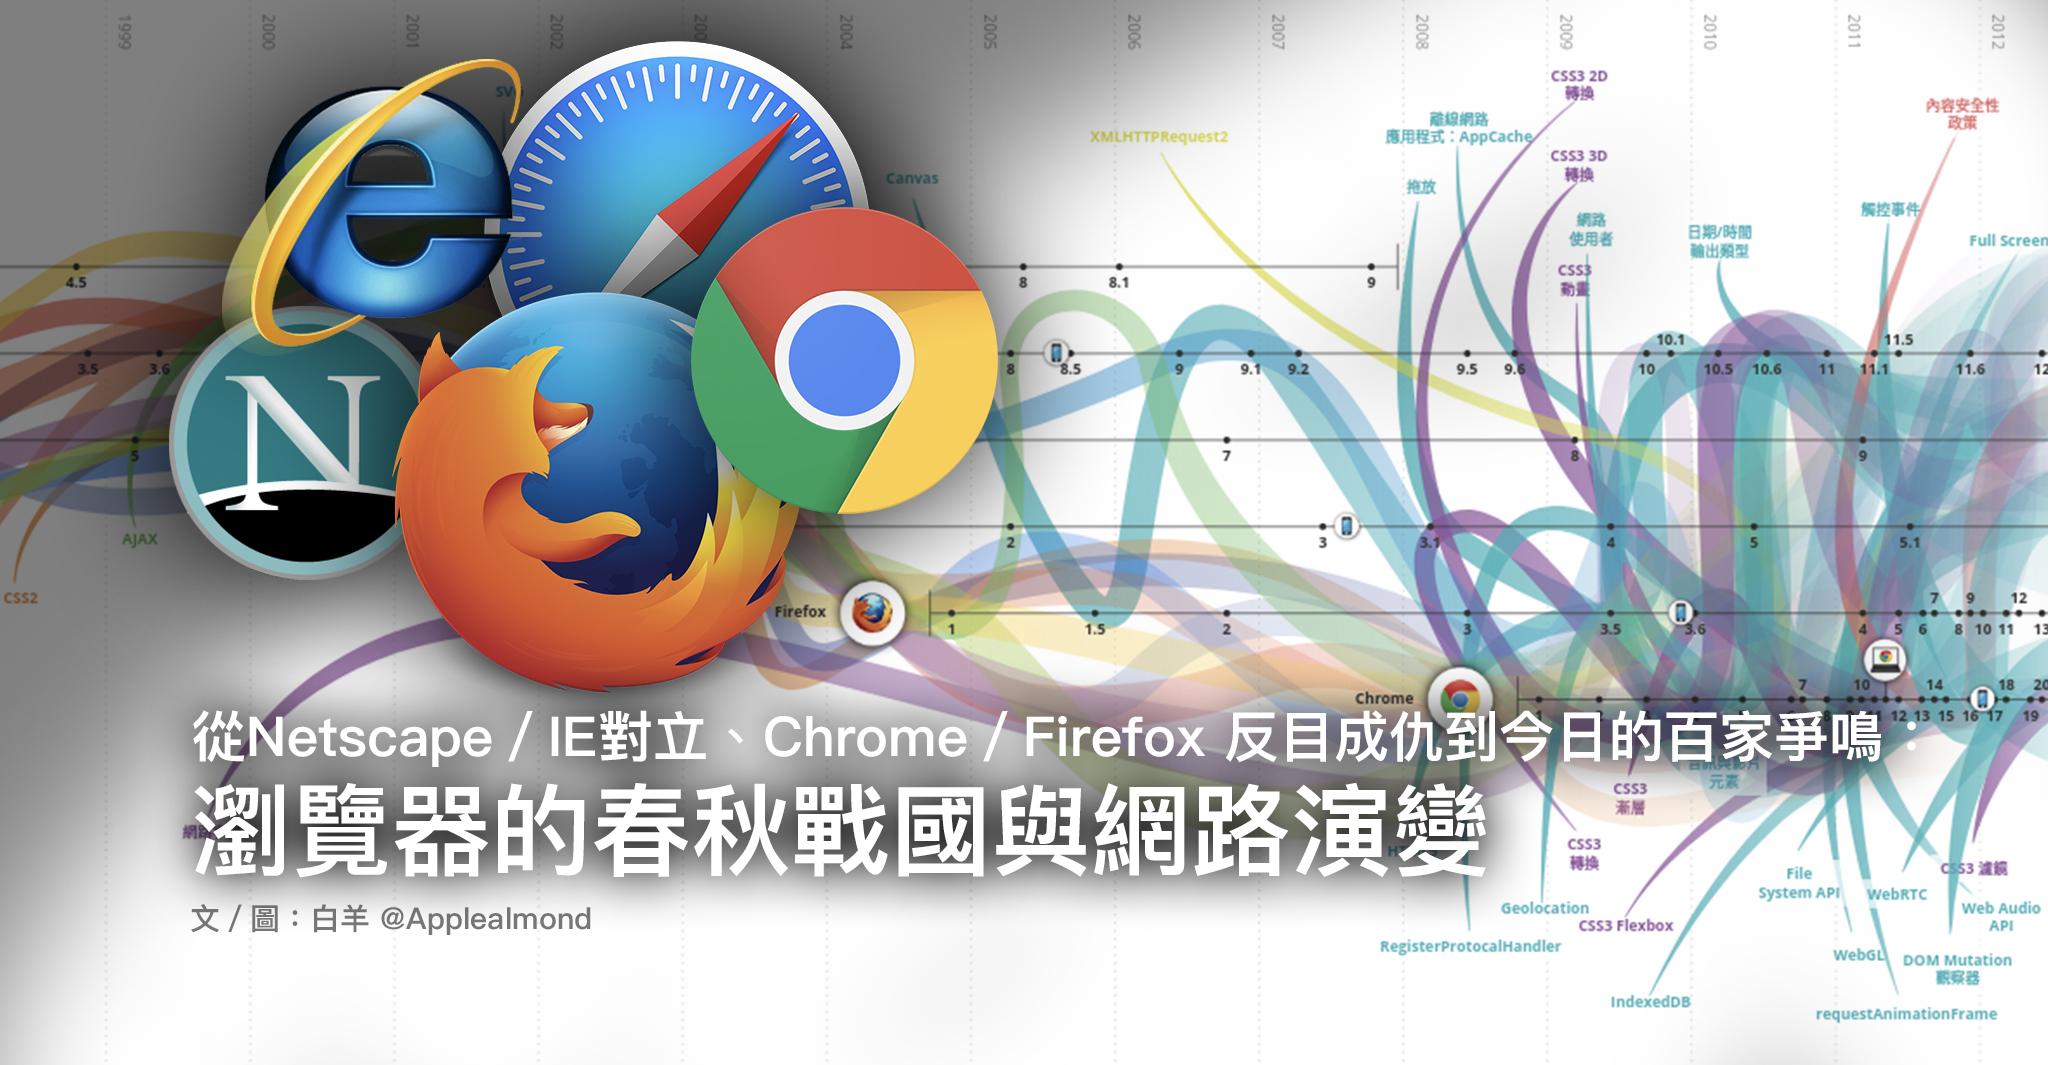 從Netscape/IE對立、Chrome/Firefox反目為仇到今日的百家爭鳴:瀏覽器的春秋戰國與網路演變